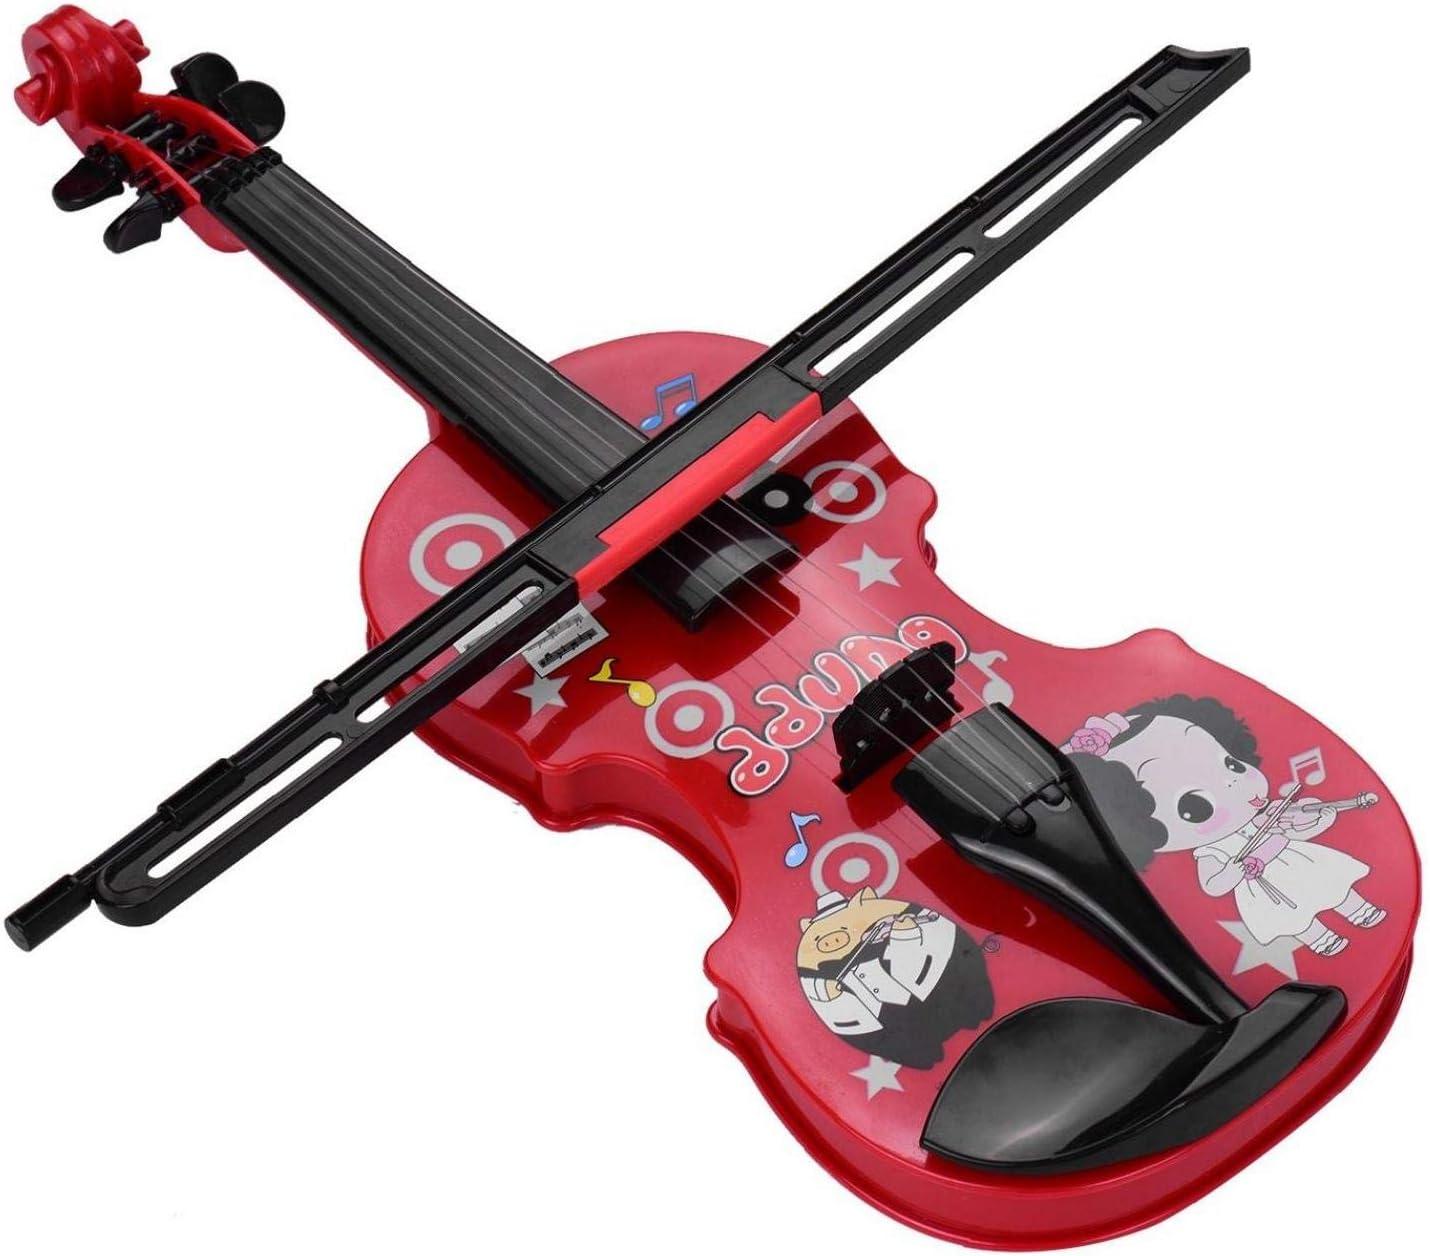 xuew Kinder wenig Violine mit Geigenbogen Fun Educational Musikinstrumente Elektronische Violine Spielzeug f/ür Kleinkinder Kinder Jungen und M/ädchen Red